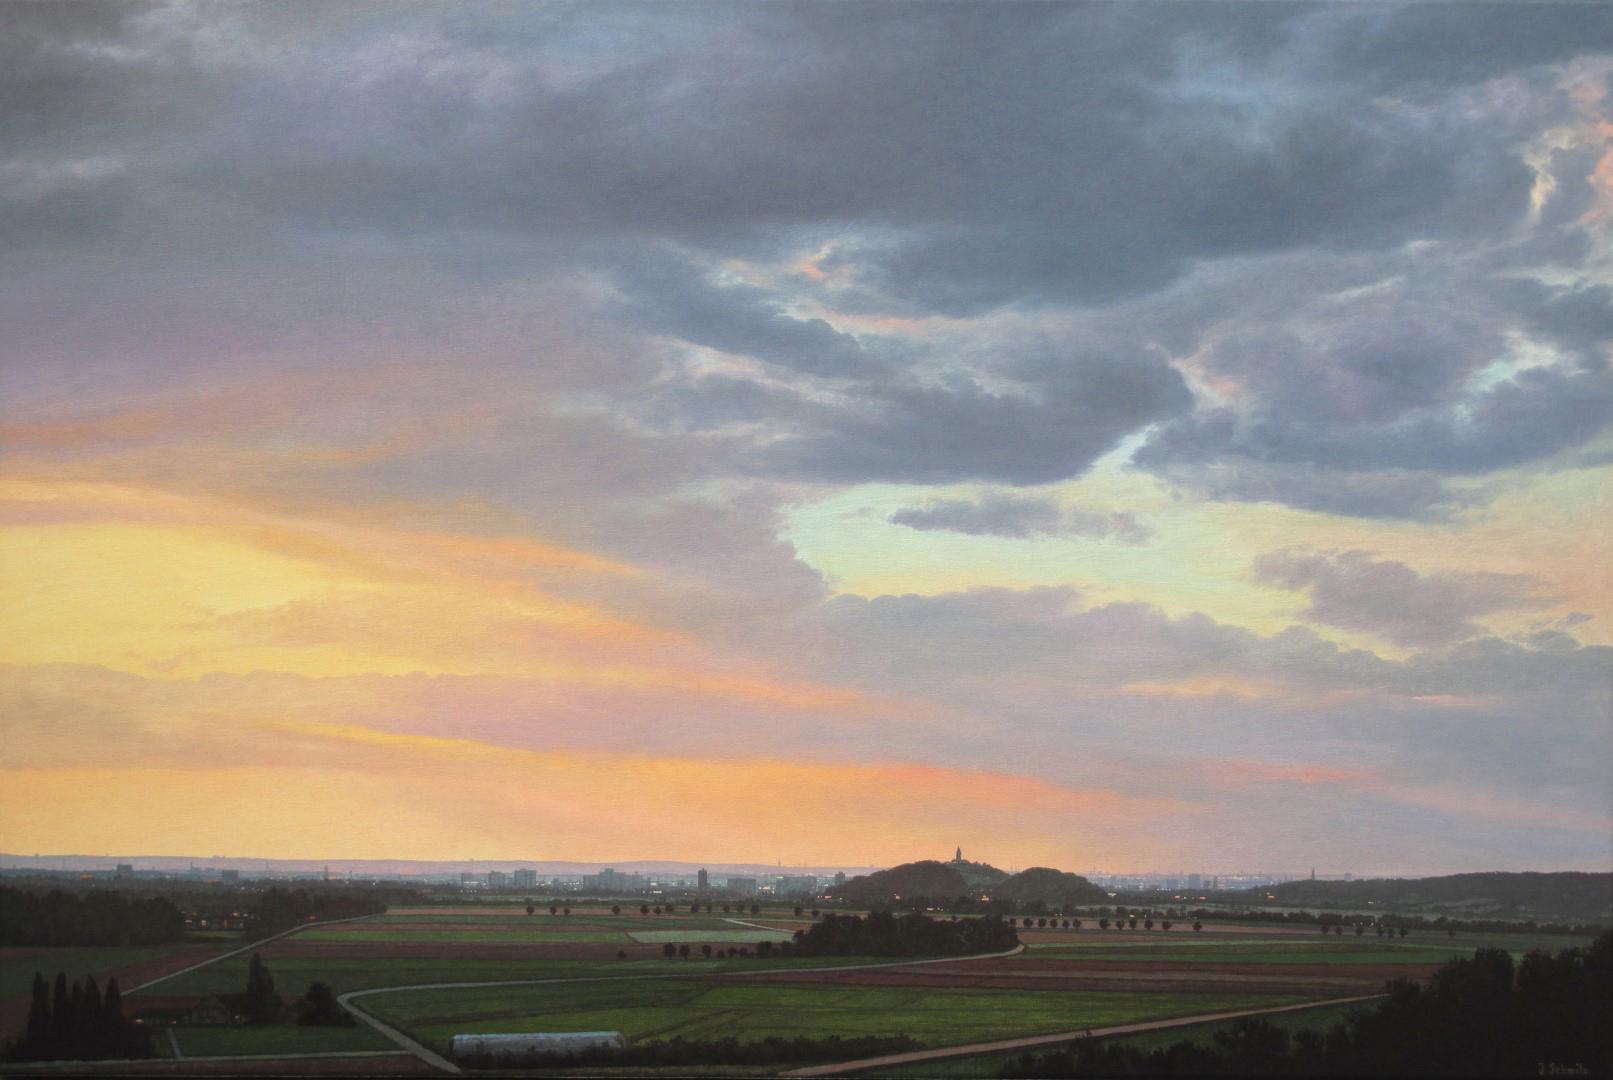 Auf dem Bild wird ein Gemälde des Siegburger Malers Jürgen Schmitz gezeigt